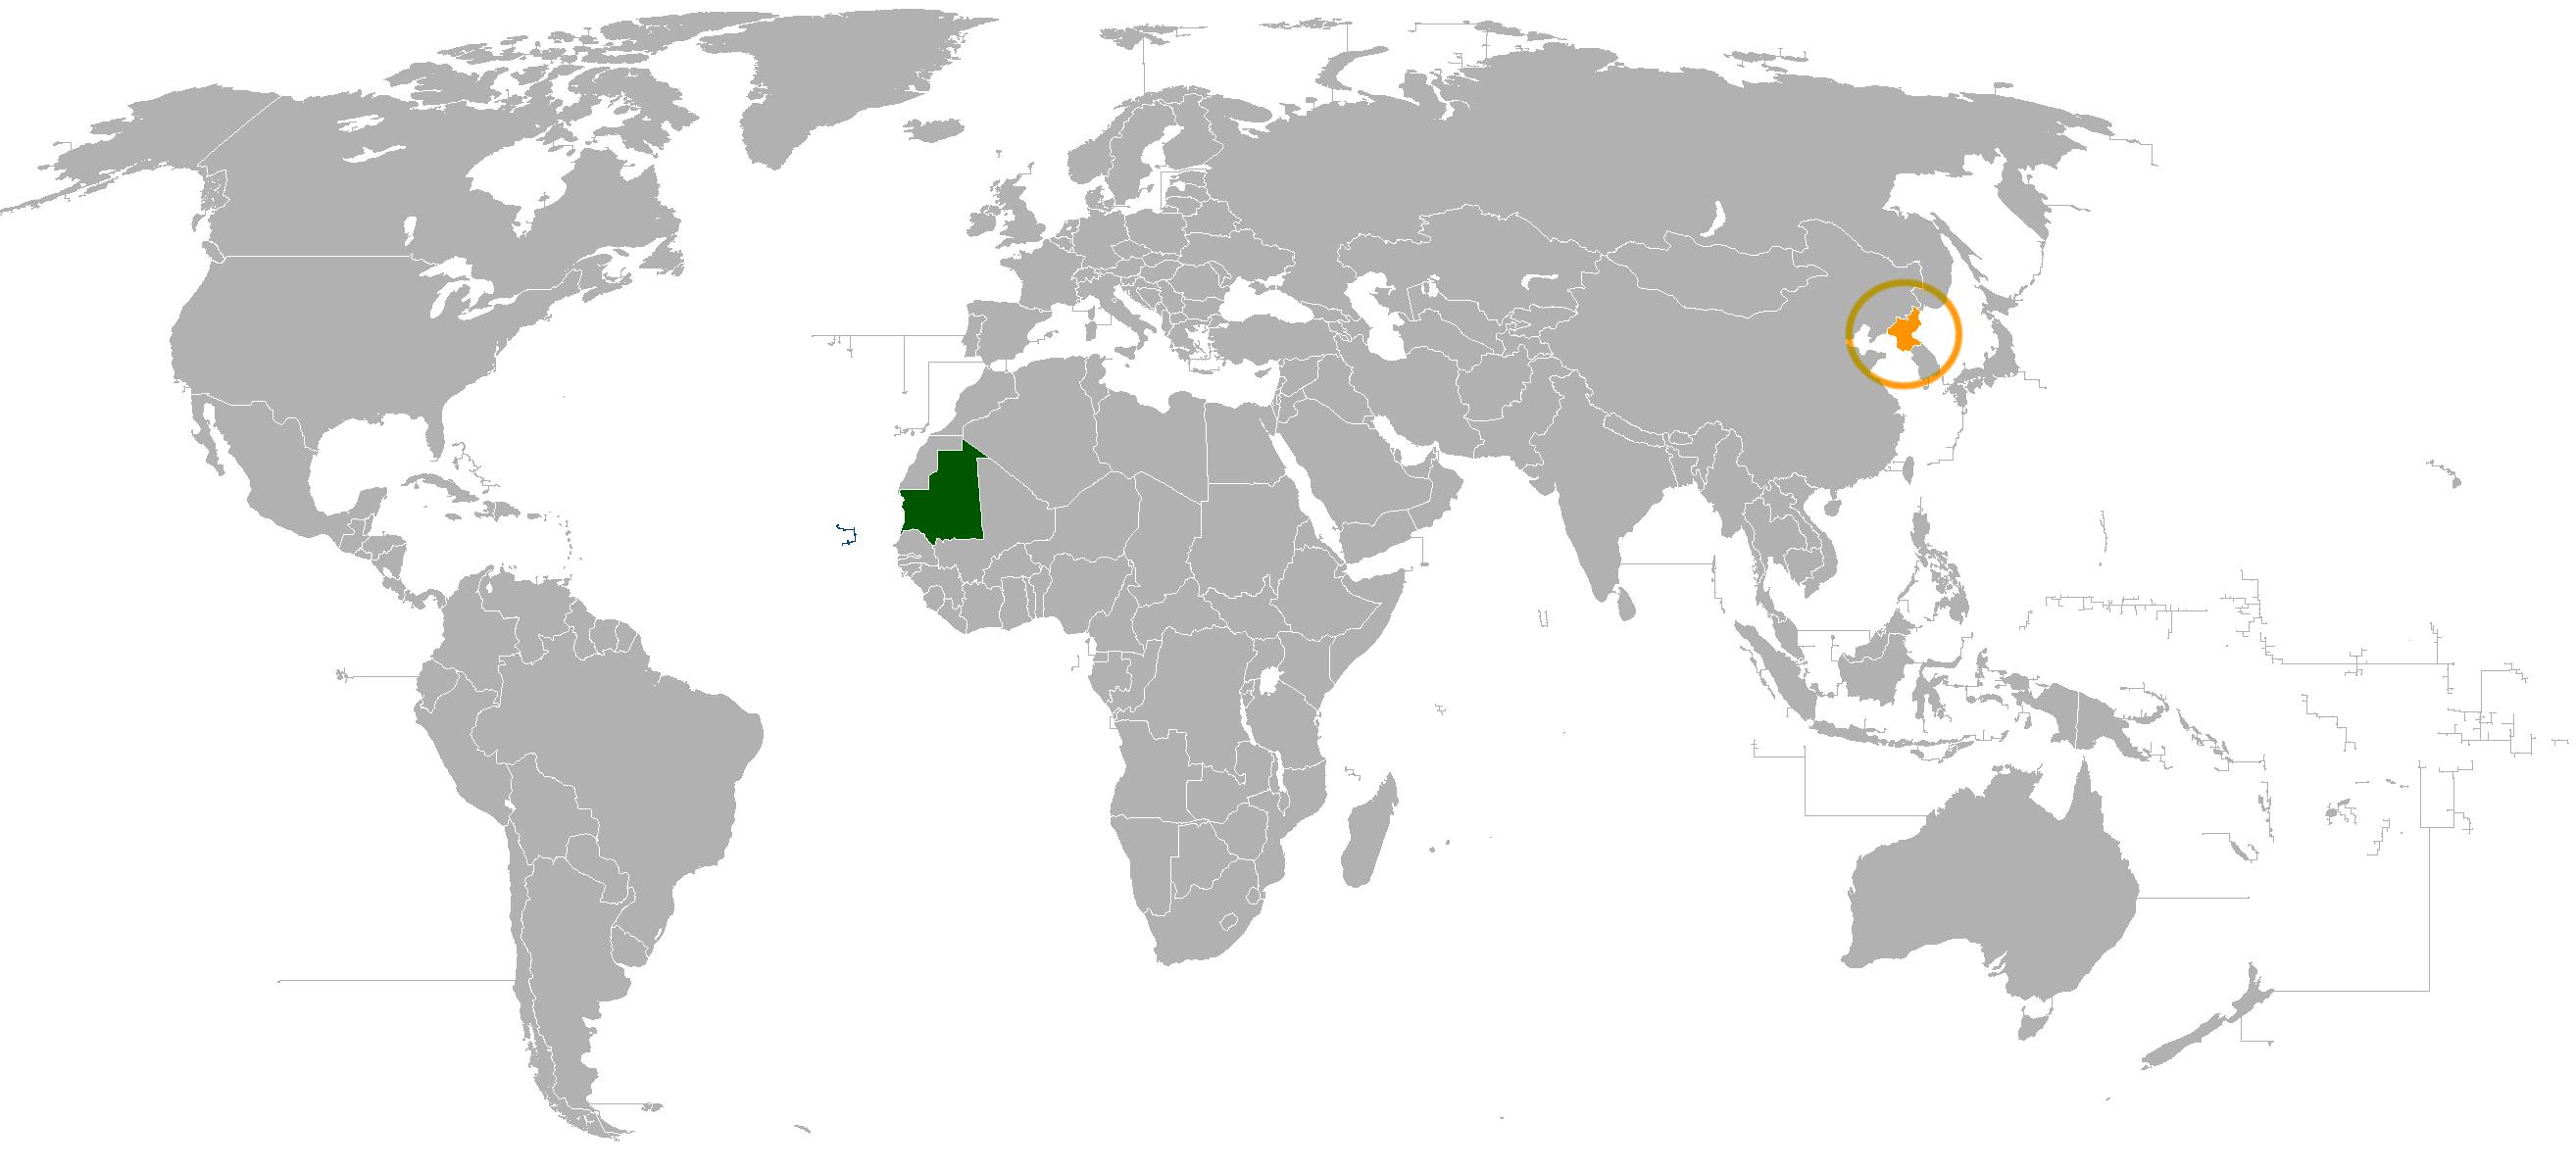 Mauritania–North Korea relations - Wikipedia